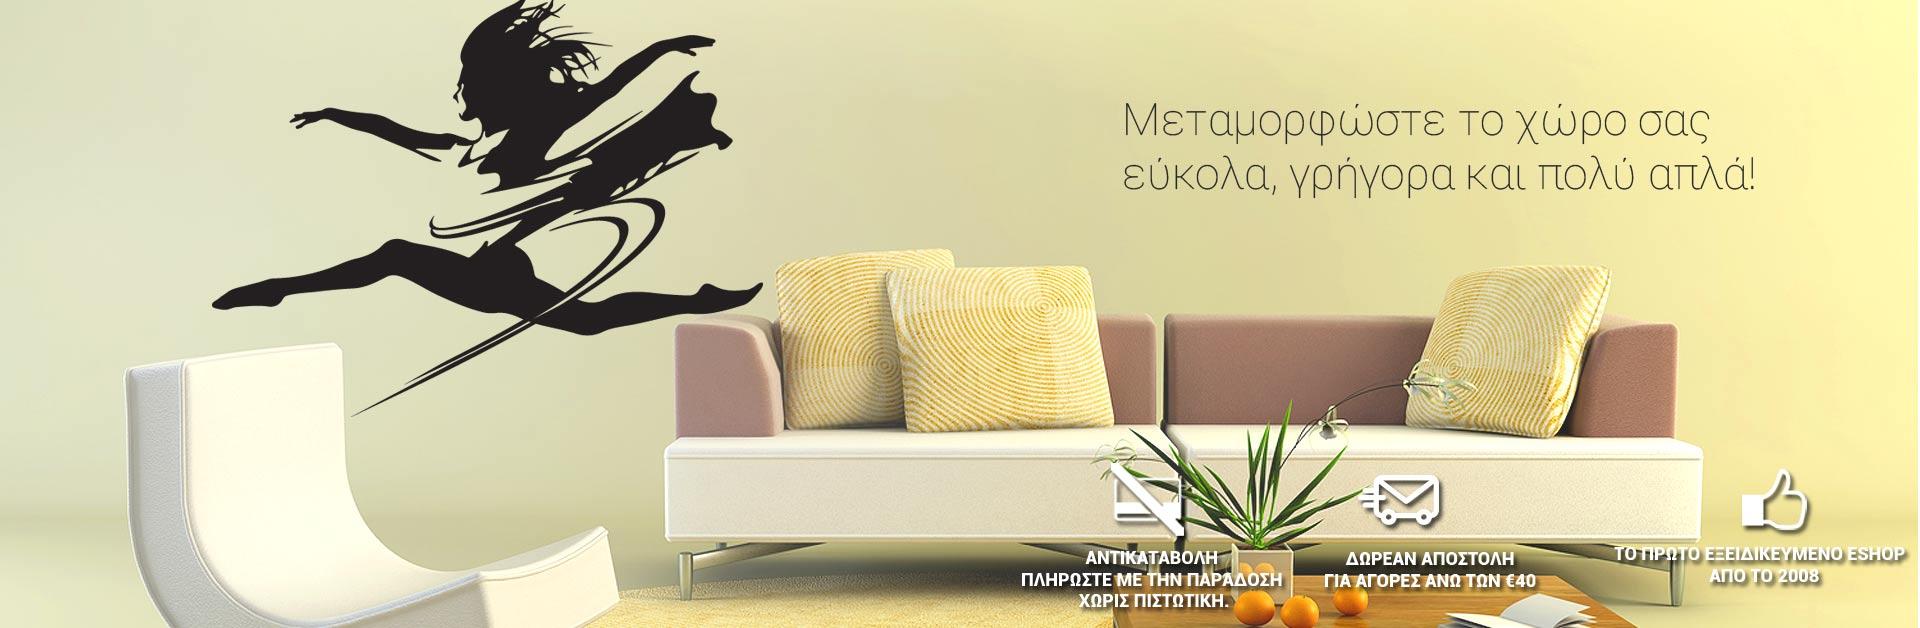 Αυτοκόλλητα τοίχου για κάθε χώρο στο σπίτι το γραφείο η το κατάστημα